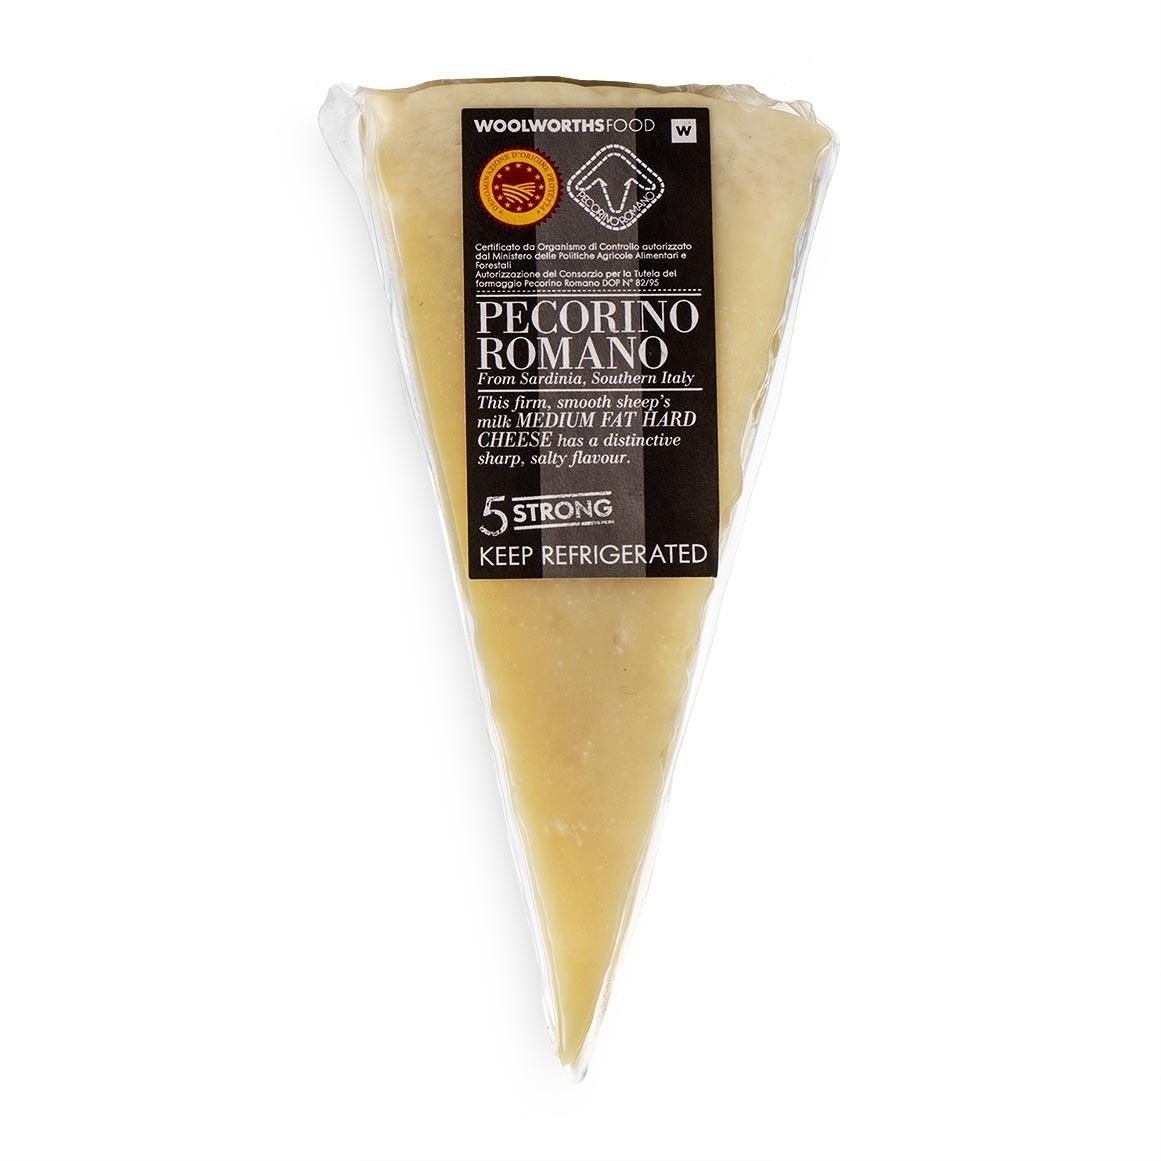 食べたチーズ: ペコリーノ・ロマーノ